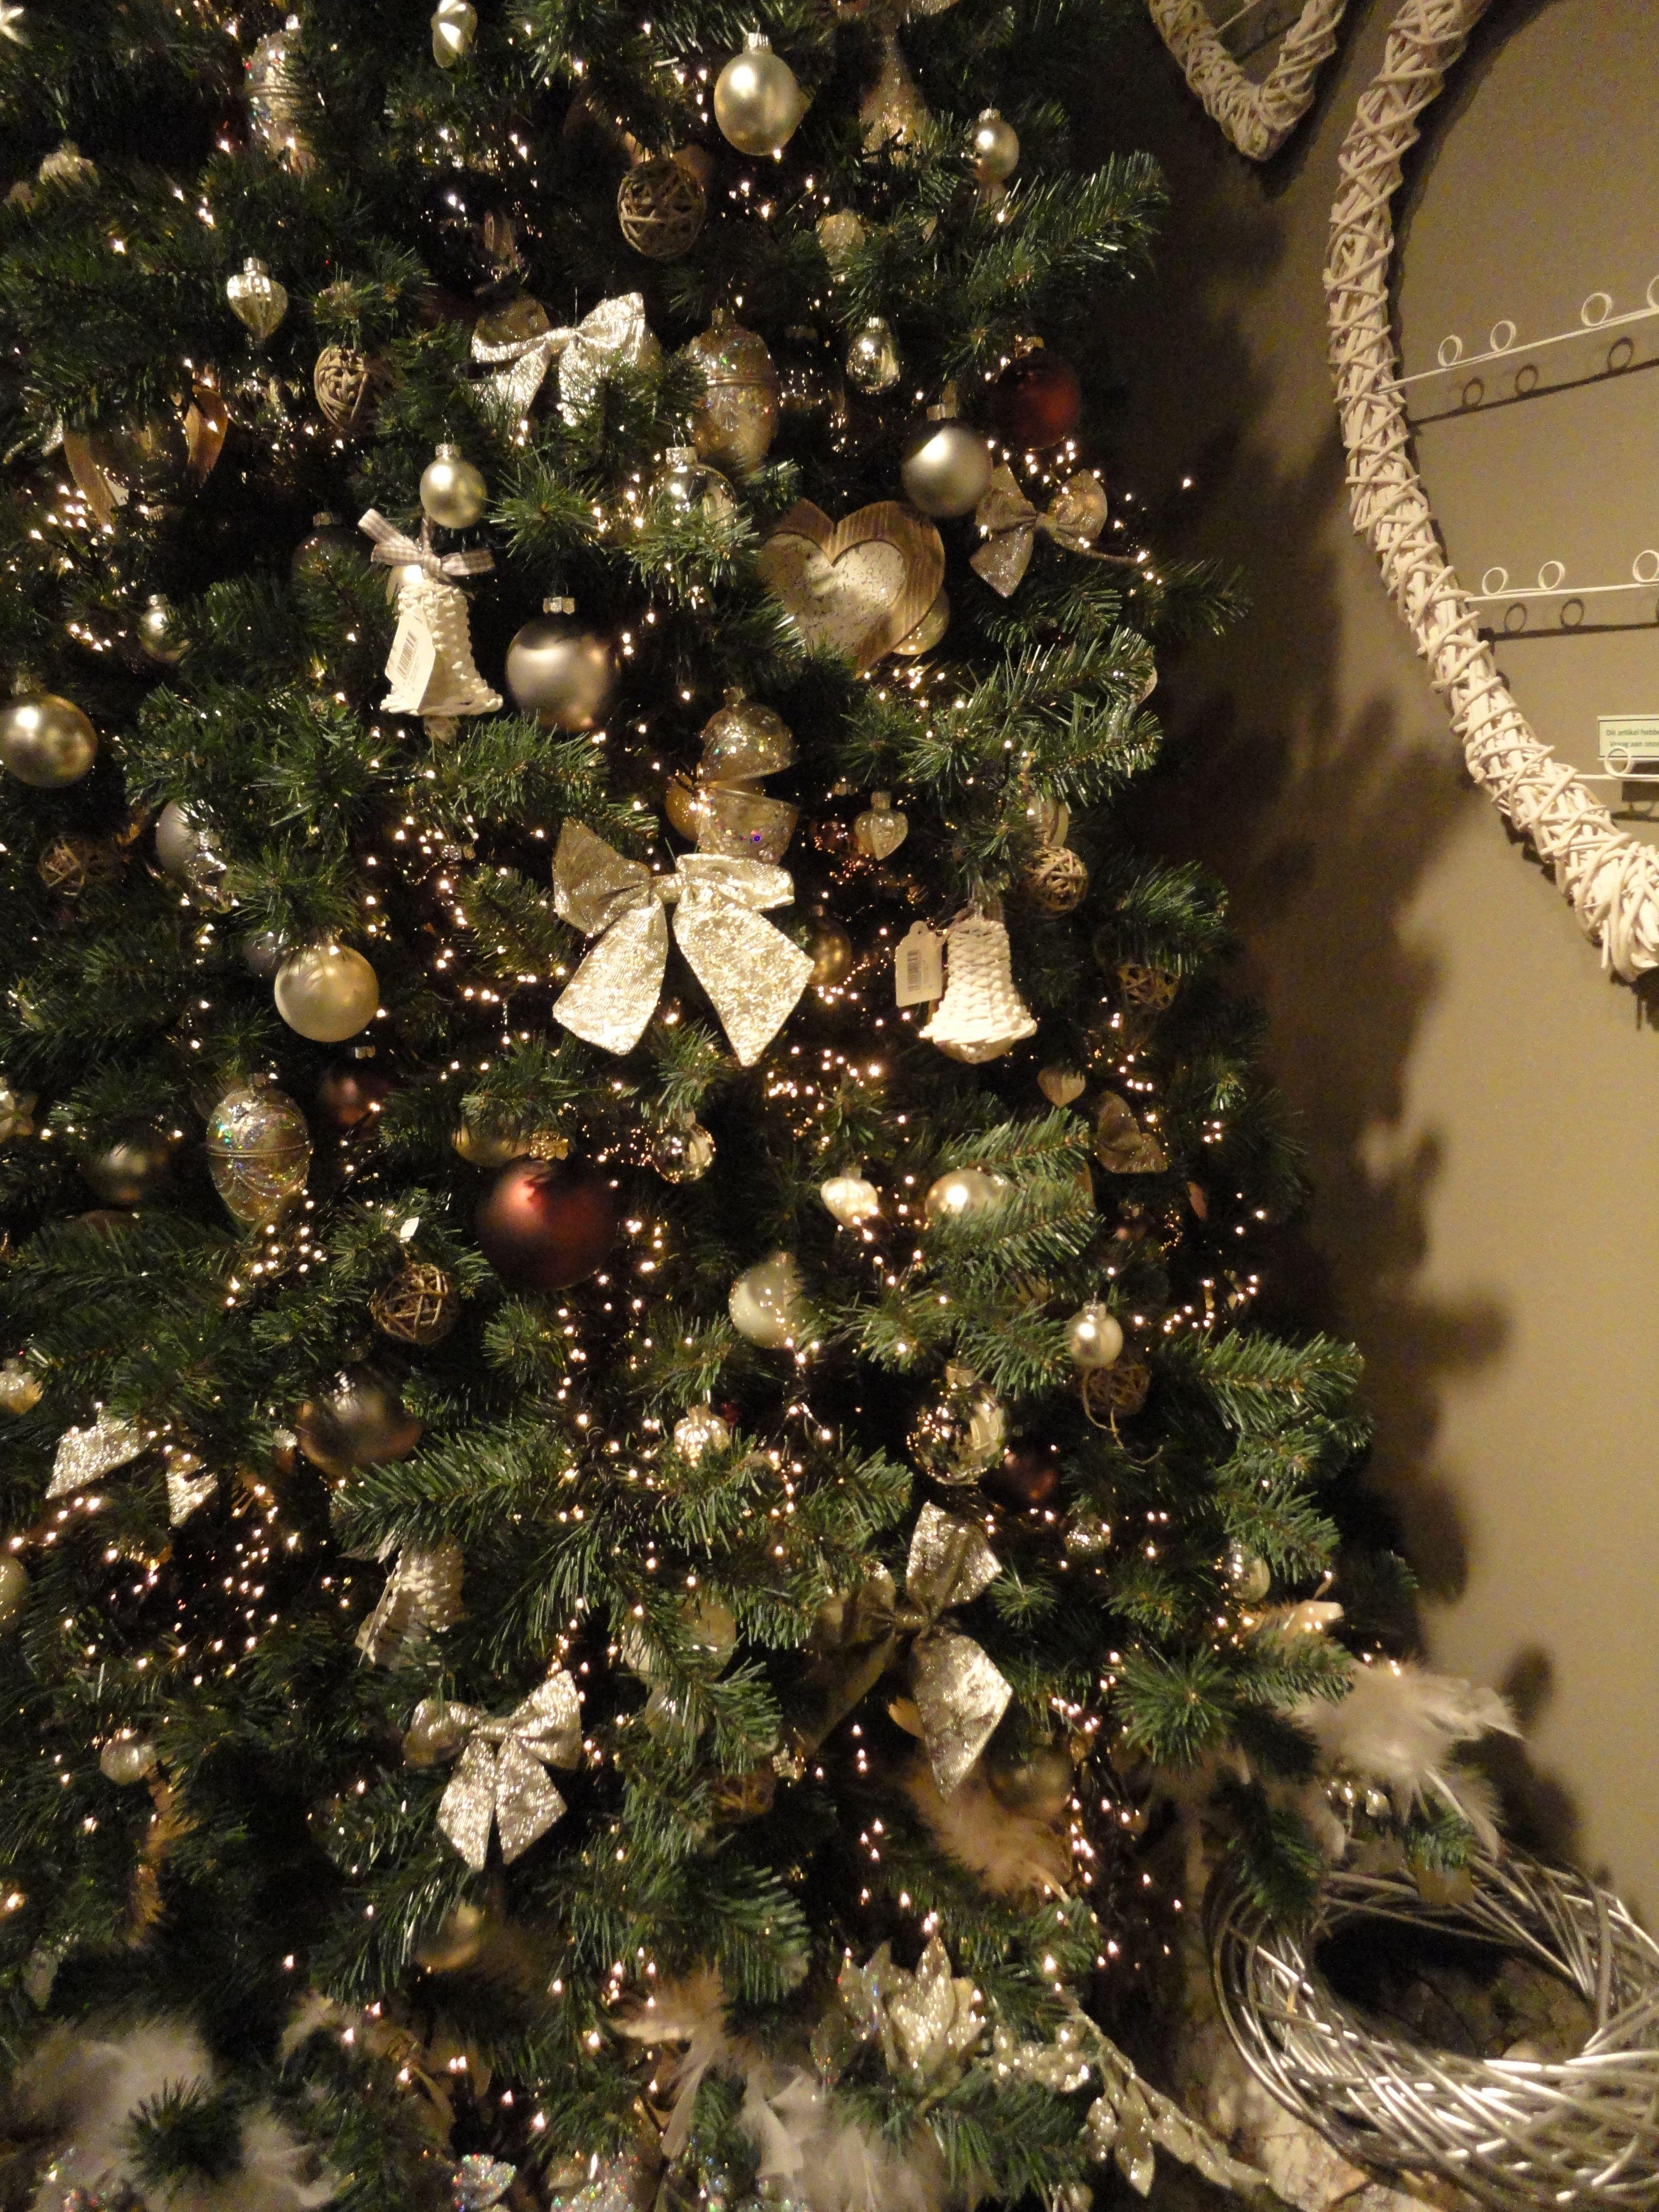 Landelijk Romantisch Prachtige Stijl Kerstversiering Christmaholic Nl Kerstversiering Thema Kerstbomen Kerstdecoratie Knutselwerk